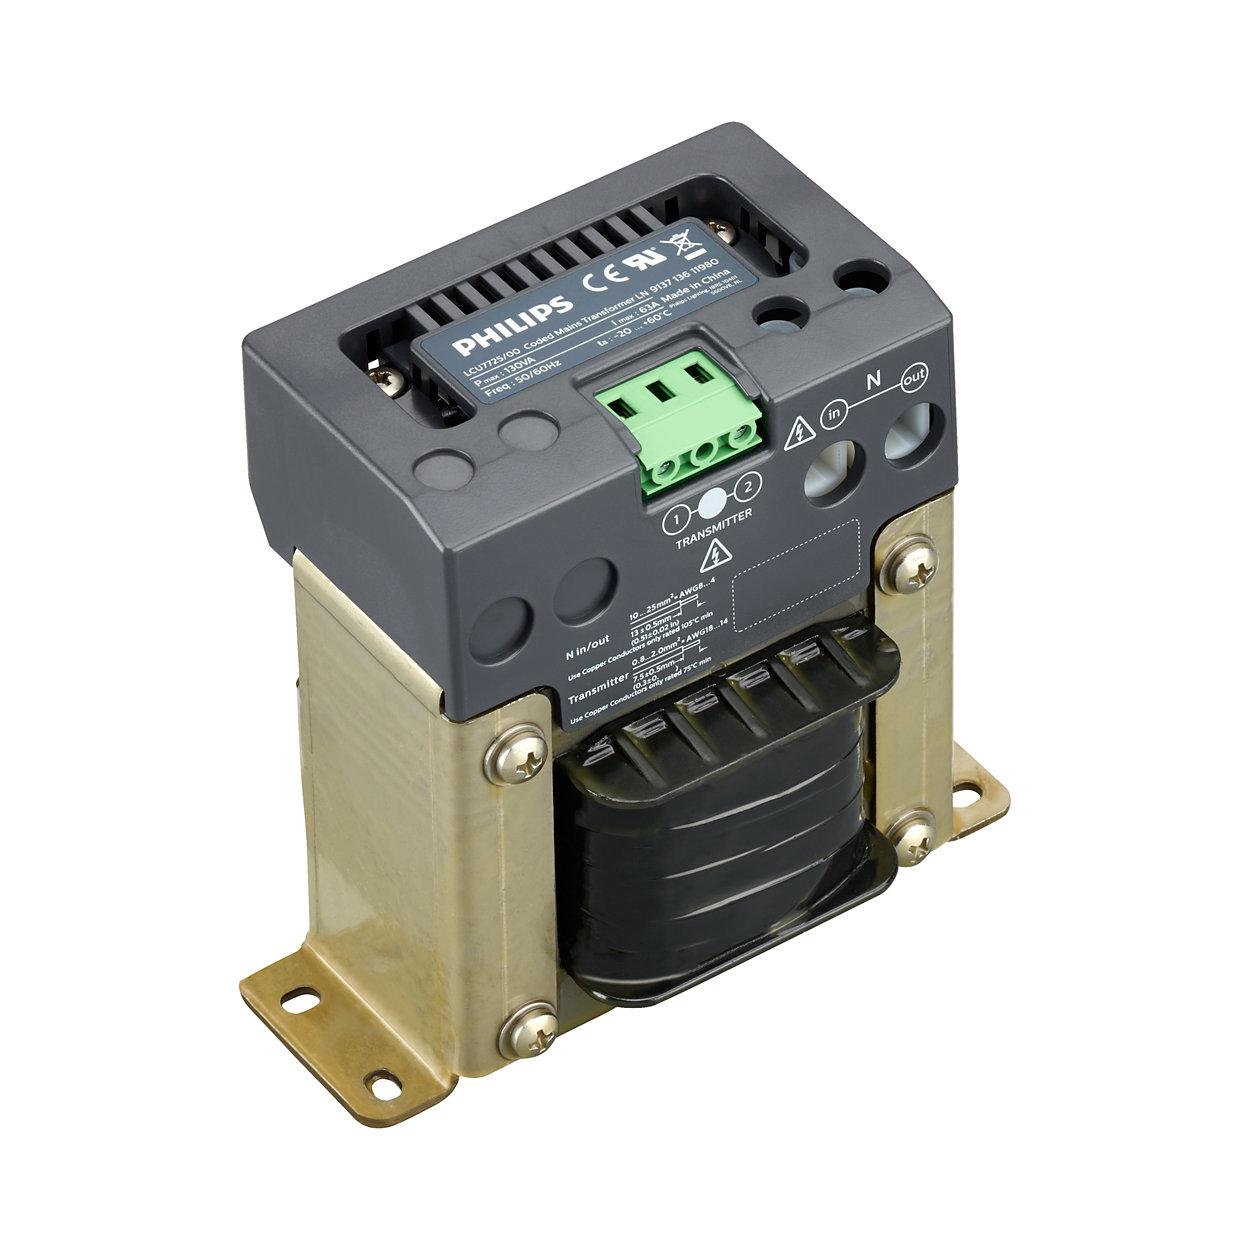 Monitoramento de rede poderoso e controle de iluminação de grupo externa